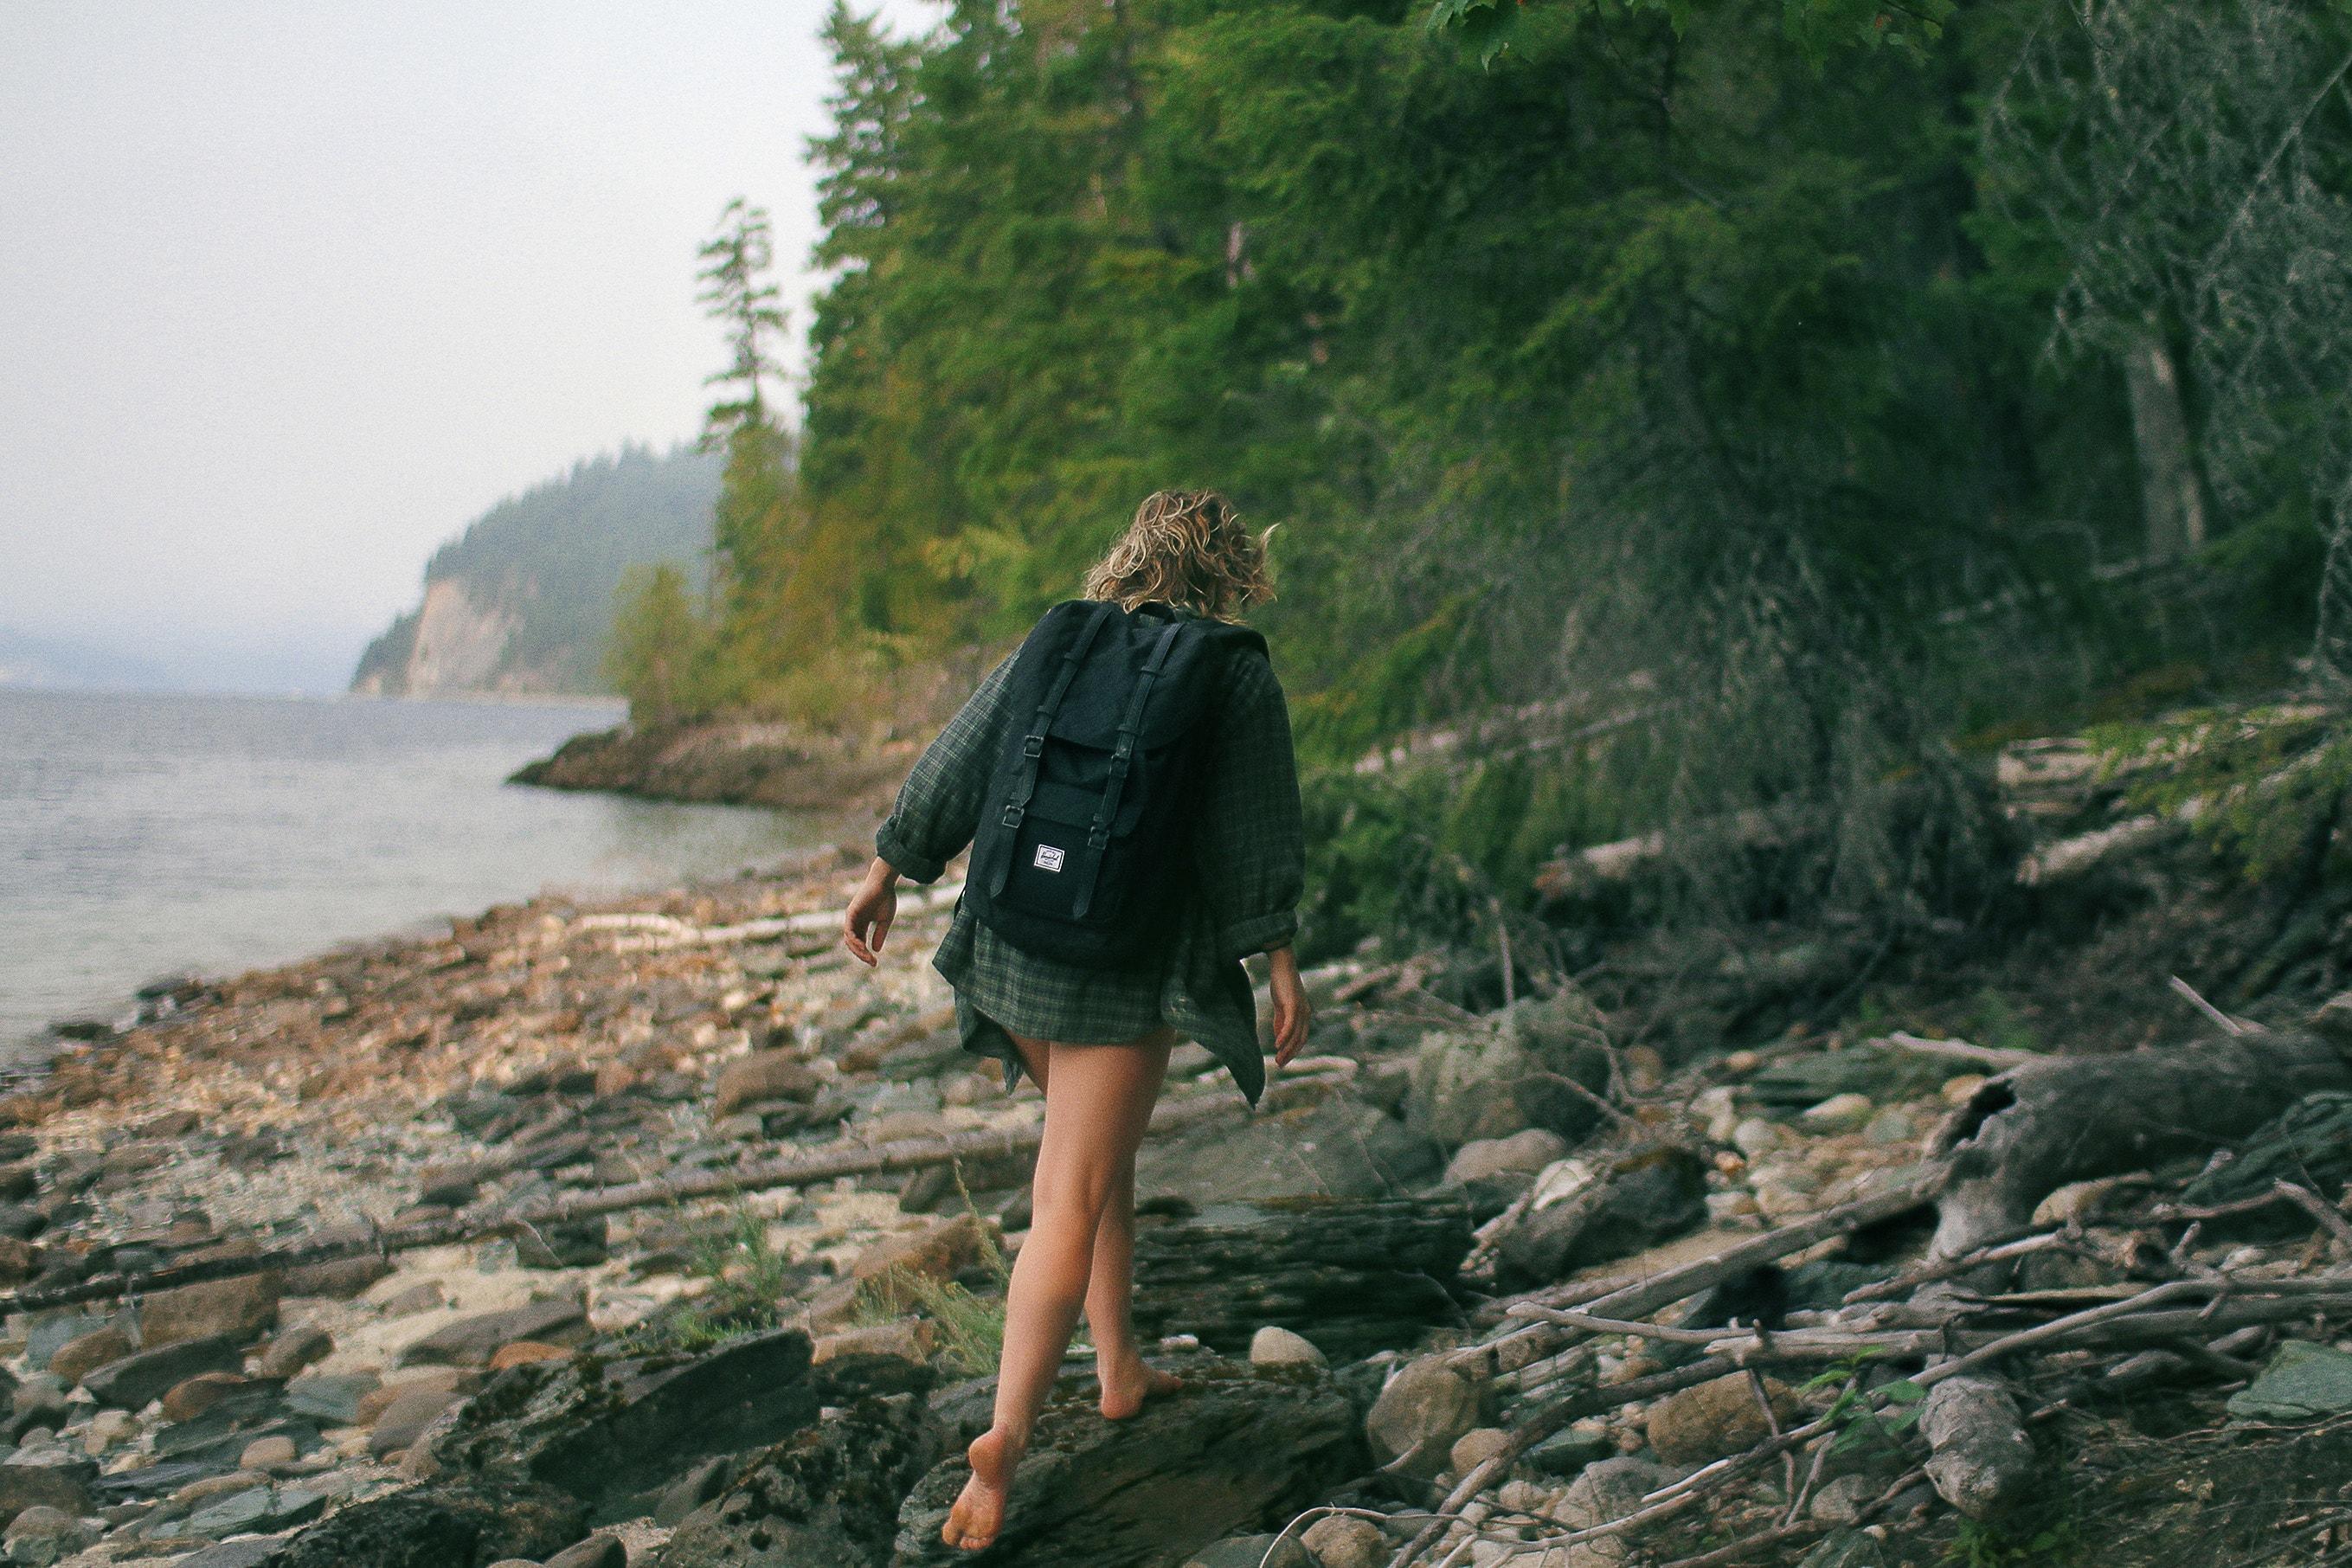 Woman Walking on Rocks